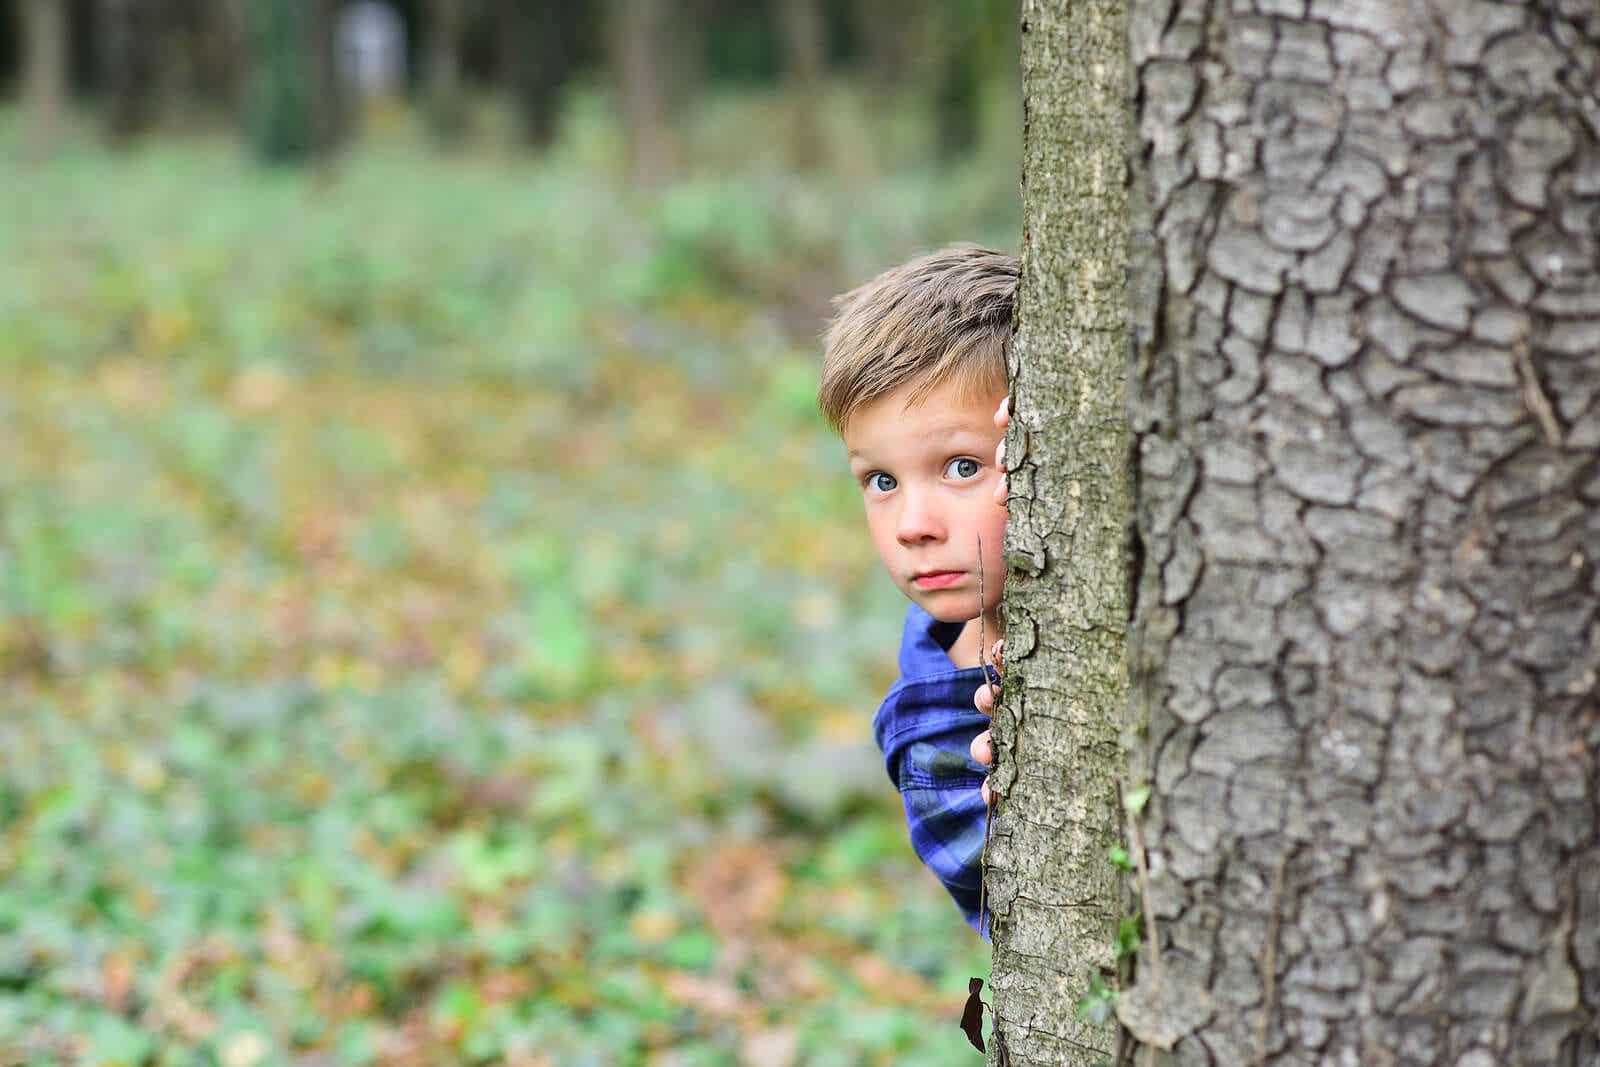 Entwicklungsängste - Ein Junge versteckt sich hinter einem Baum und sieht verängstigt aus.